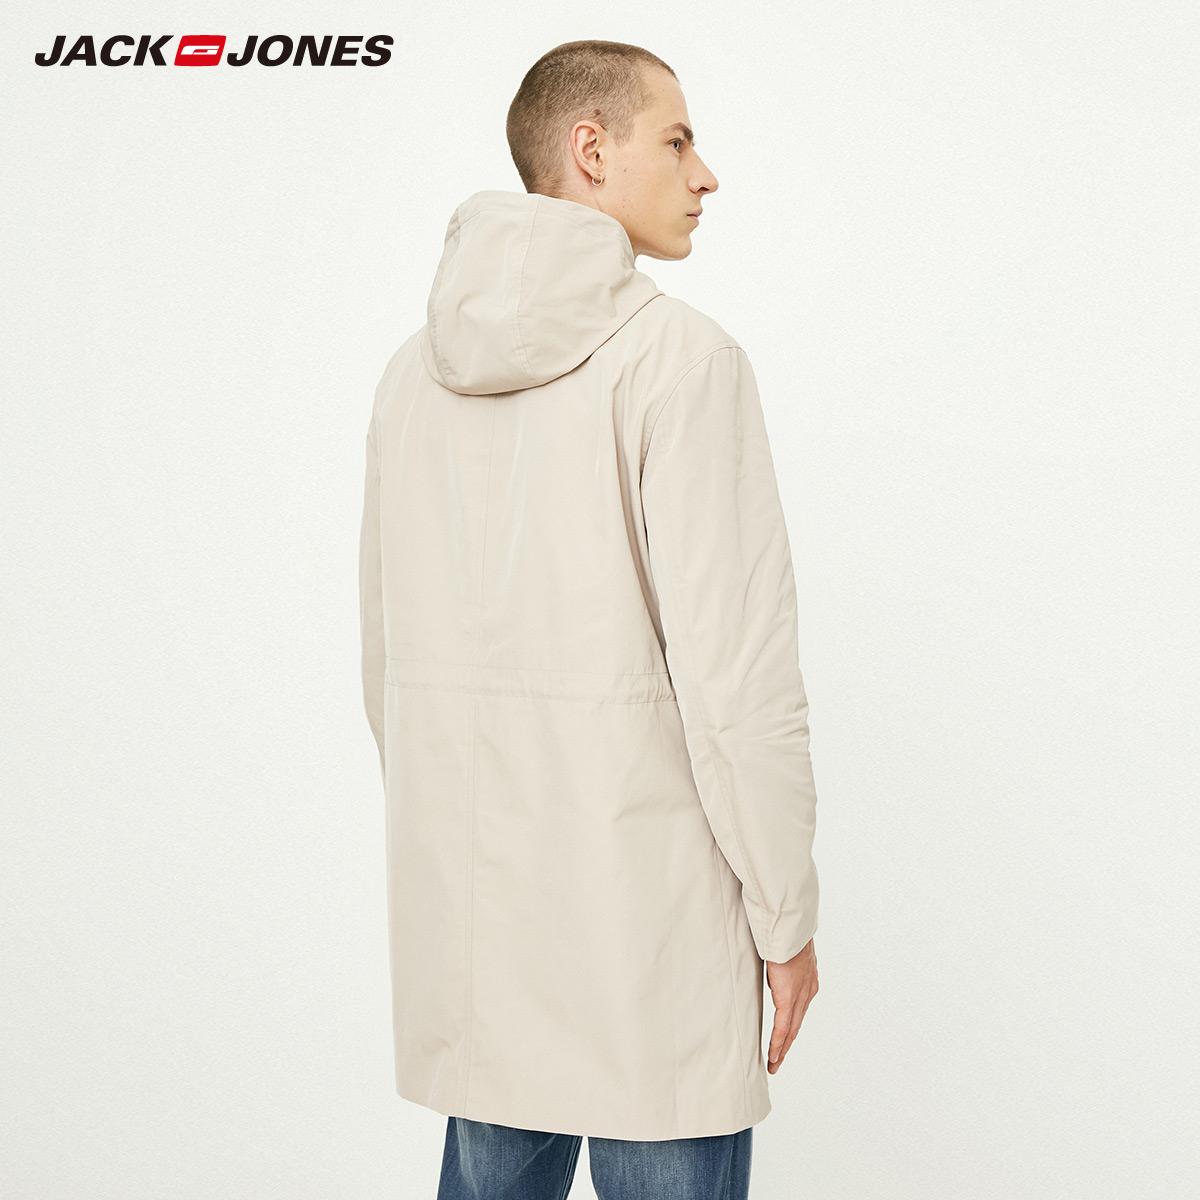 218321522 JackJones  绫致 杰克琼斯男初秋连帽休闲商务中长外套